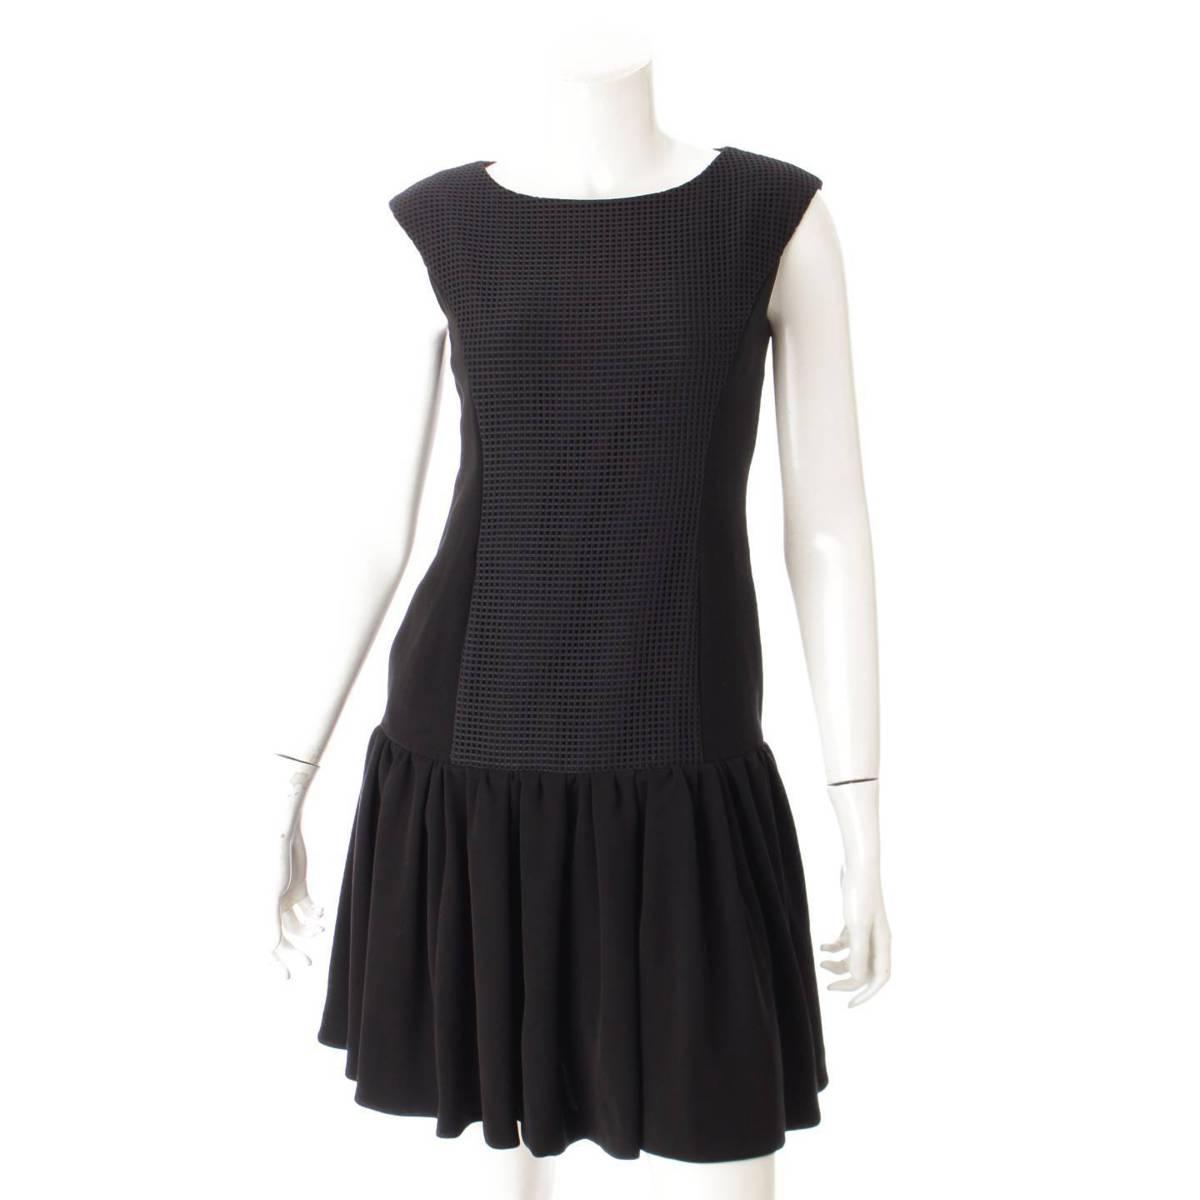 【フォクシーニューヨーク】Foxey New York Front Mesh Dress メッシュ ワンピース 34766 ブラック 38 未使用【中古】【鑑定済・正規品保証】90082